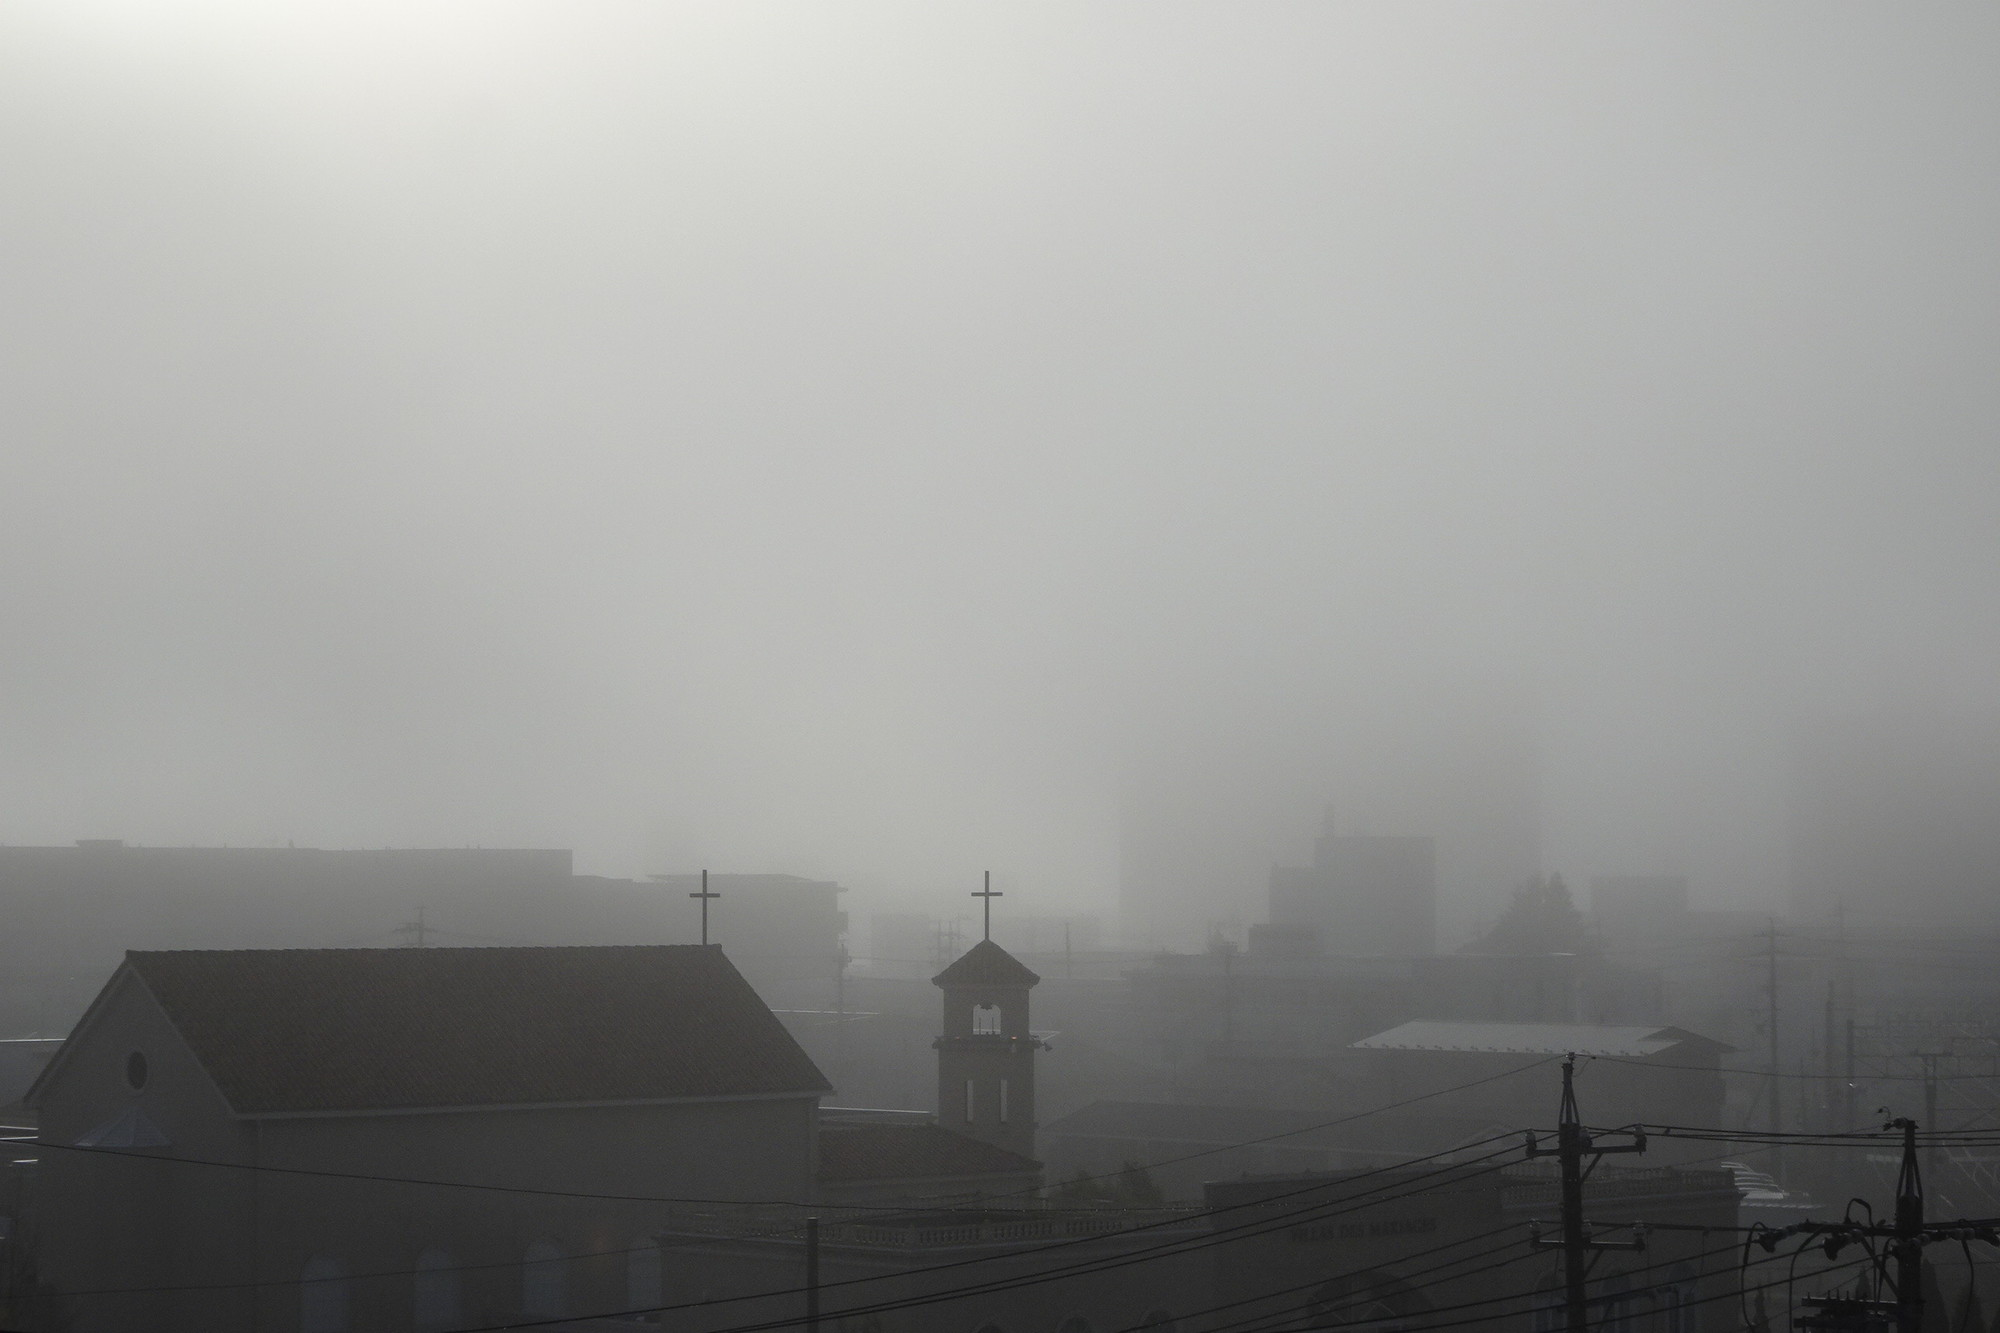 霧が覆う松本市の様子